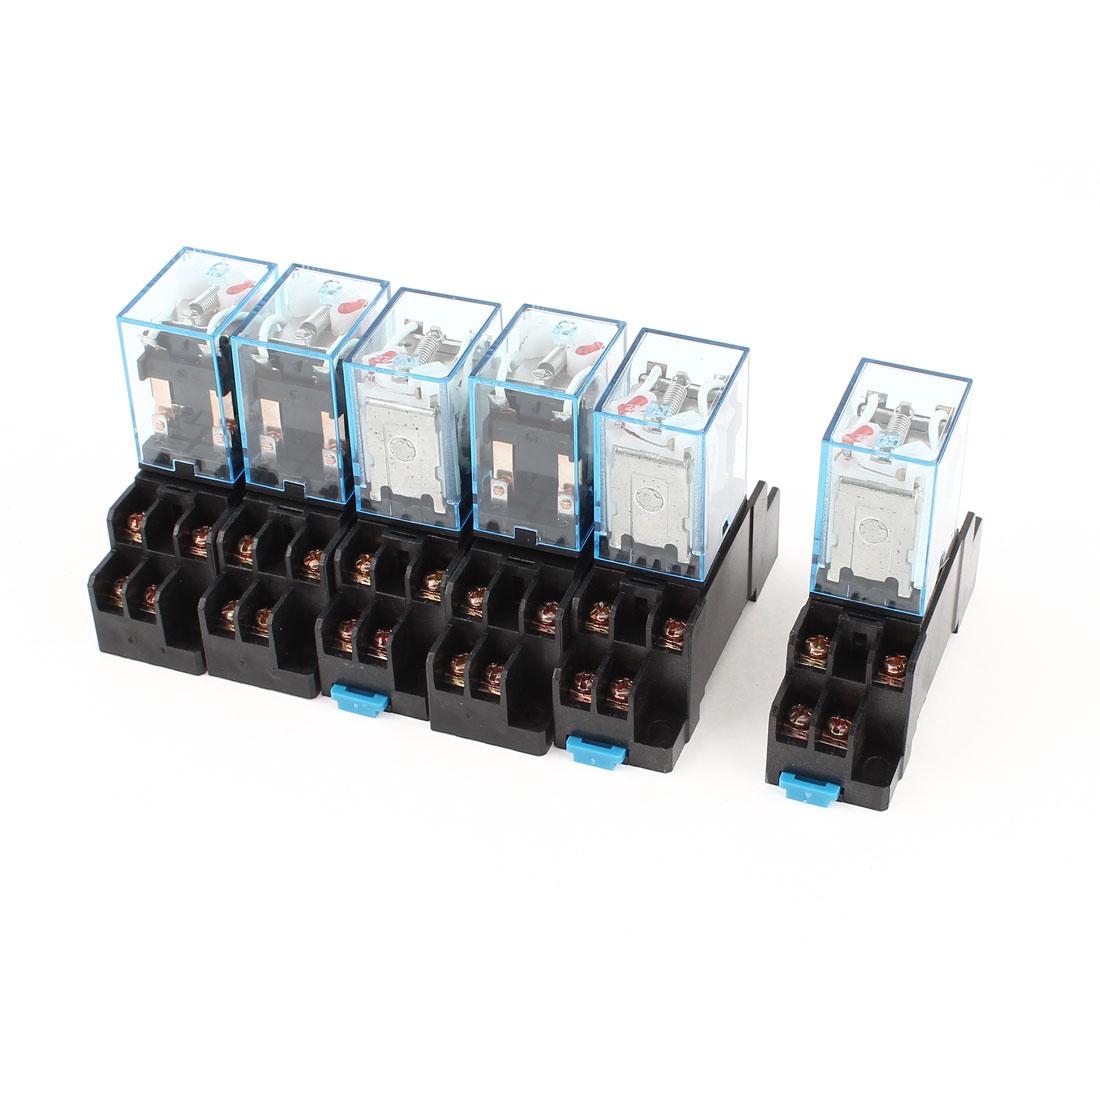 6 Pcs AC 220V-240V Coil DPDT 35mm DIN Rail Electromagnetic Power Relay + Socket